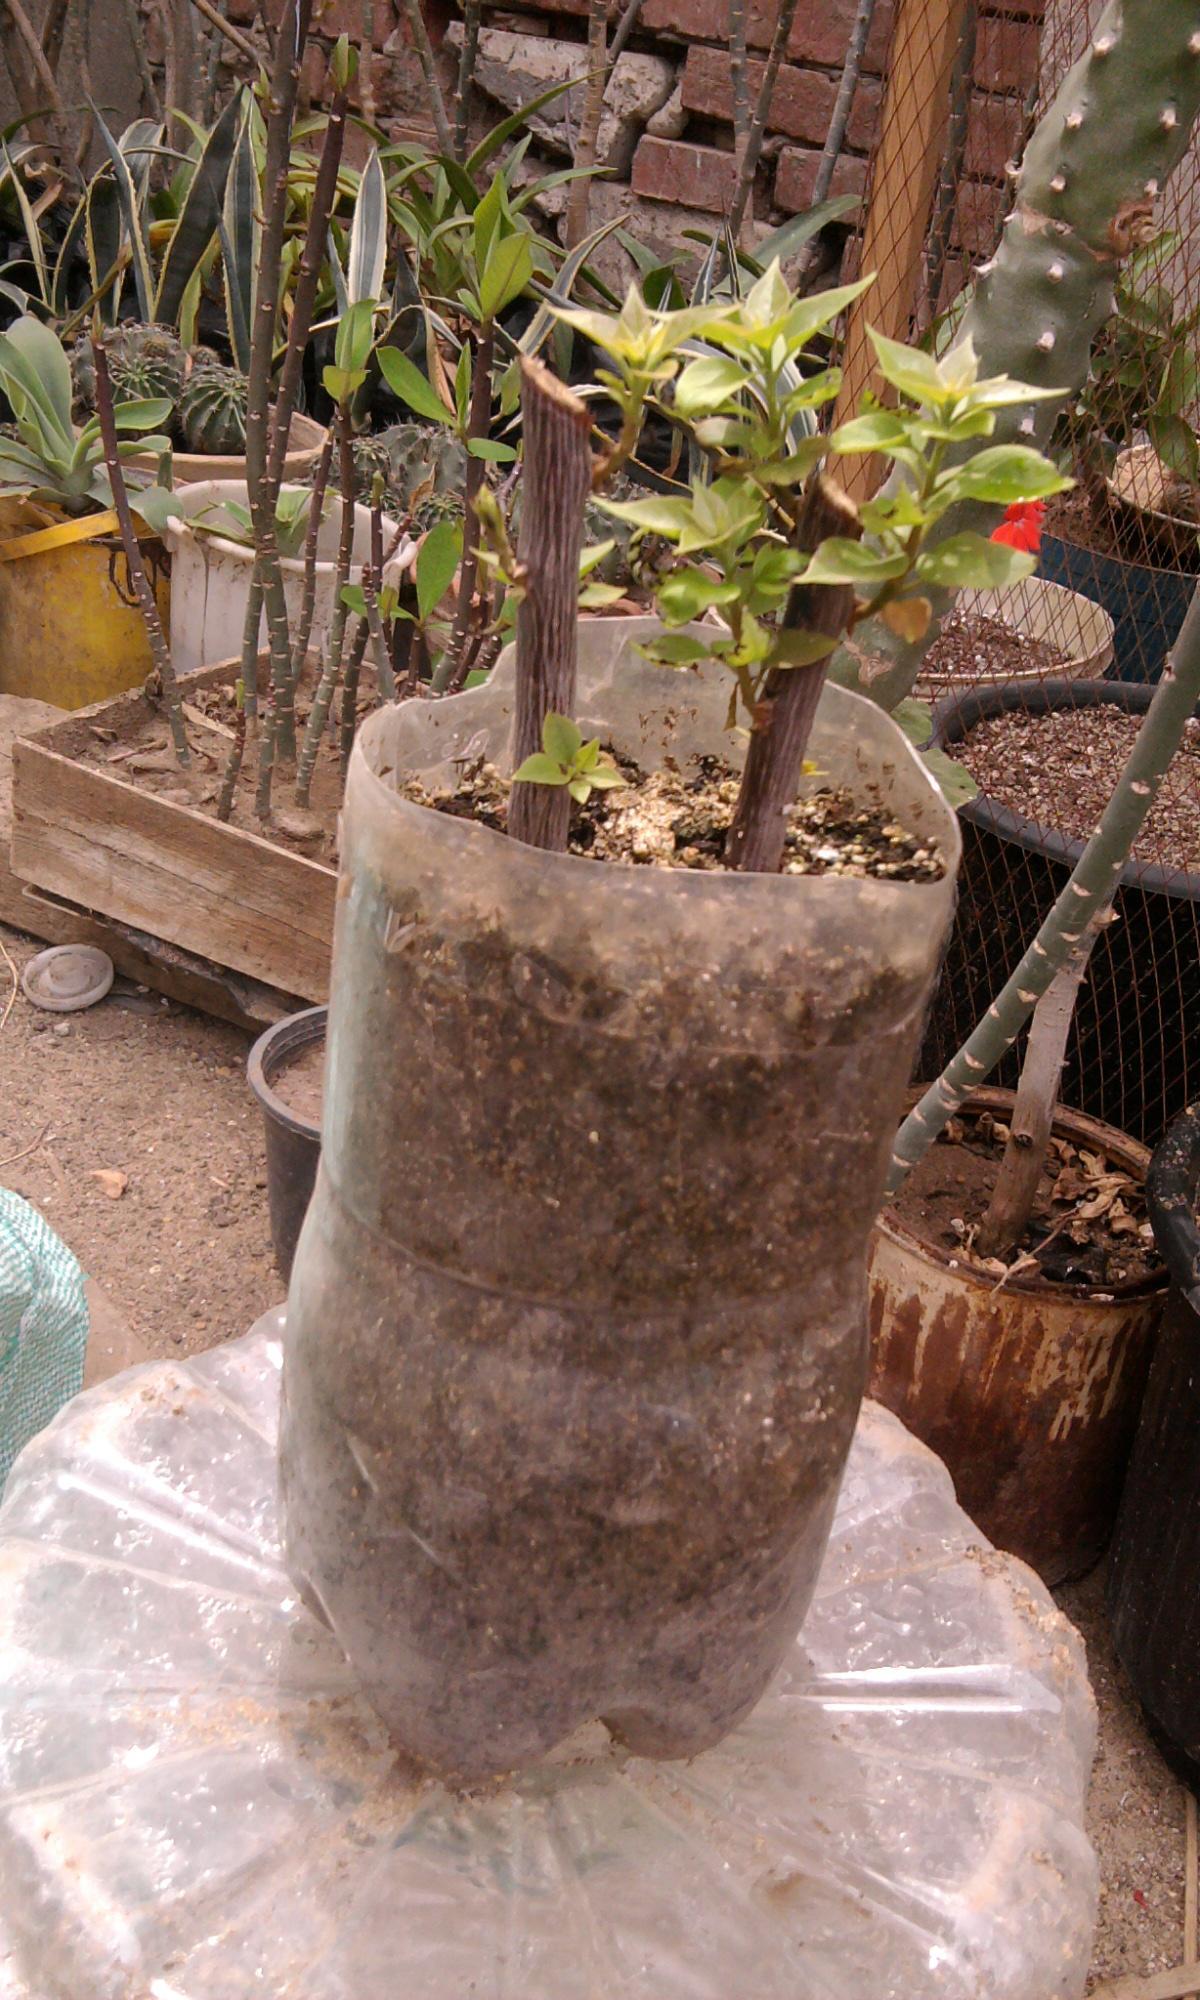 زراعة التوت والجهنمية والفيكس نيتدا 279874318.jpg